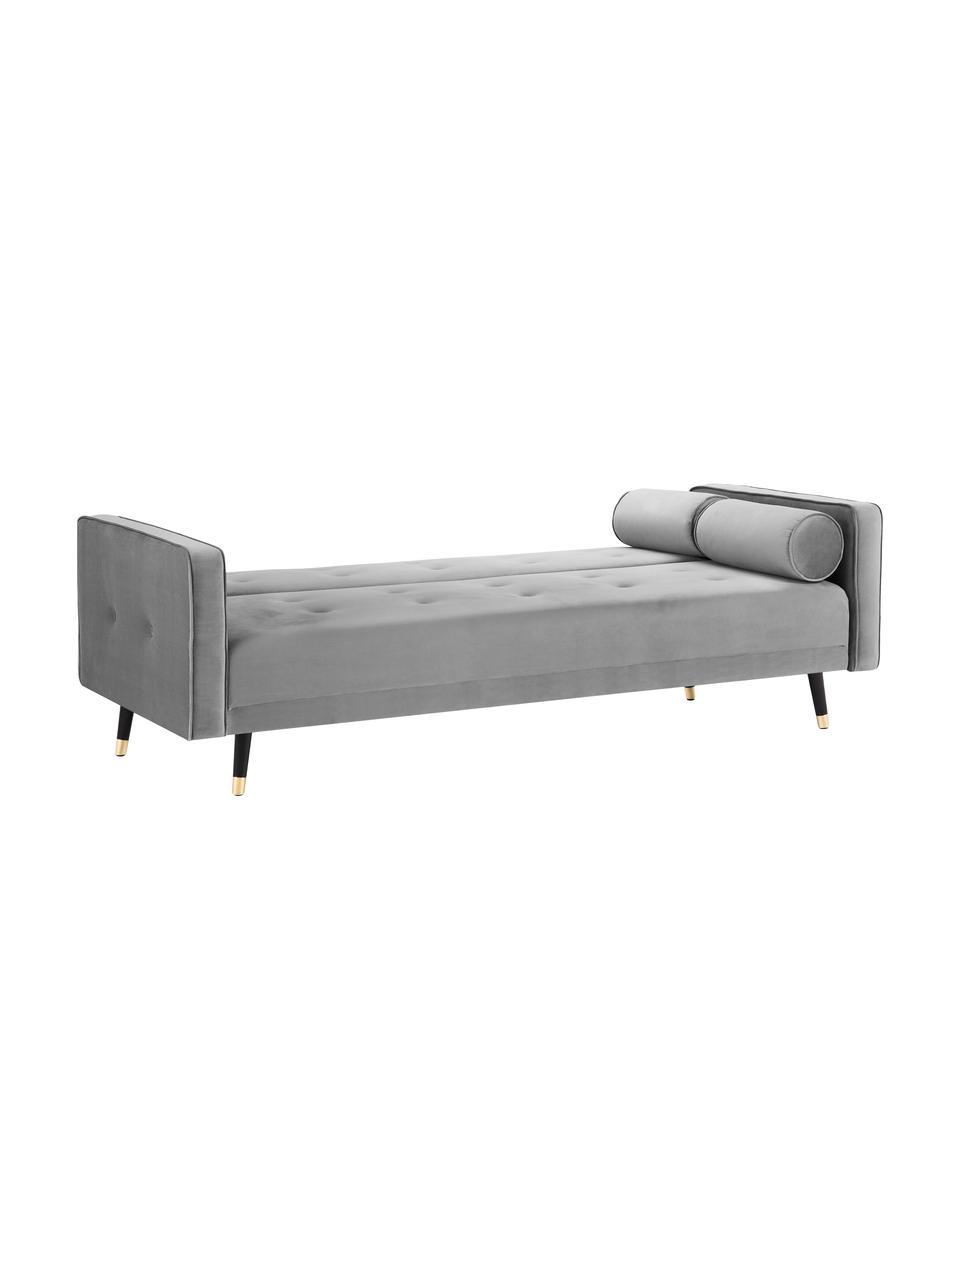 Divano letto 3 posti in velluto grigio chiaro Gia, Struttura: legno di pino massiccio, Velluto grigio chiaro, Larg. 212 x Prof. 93 cm